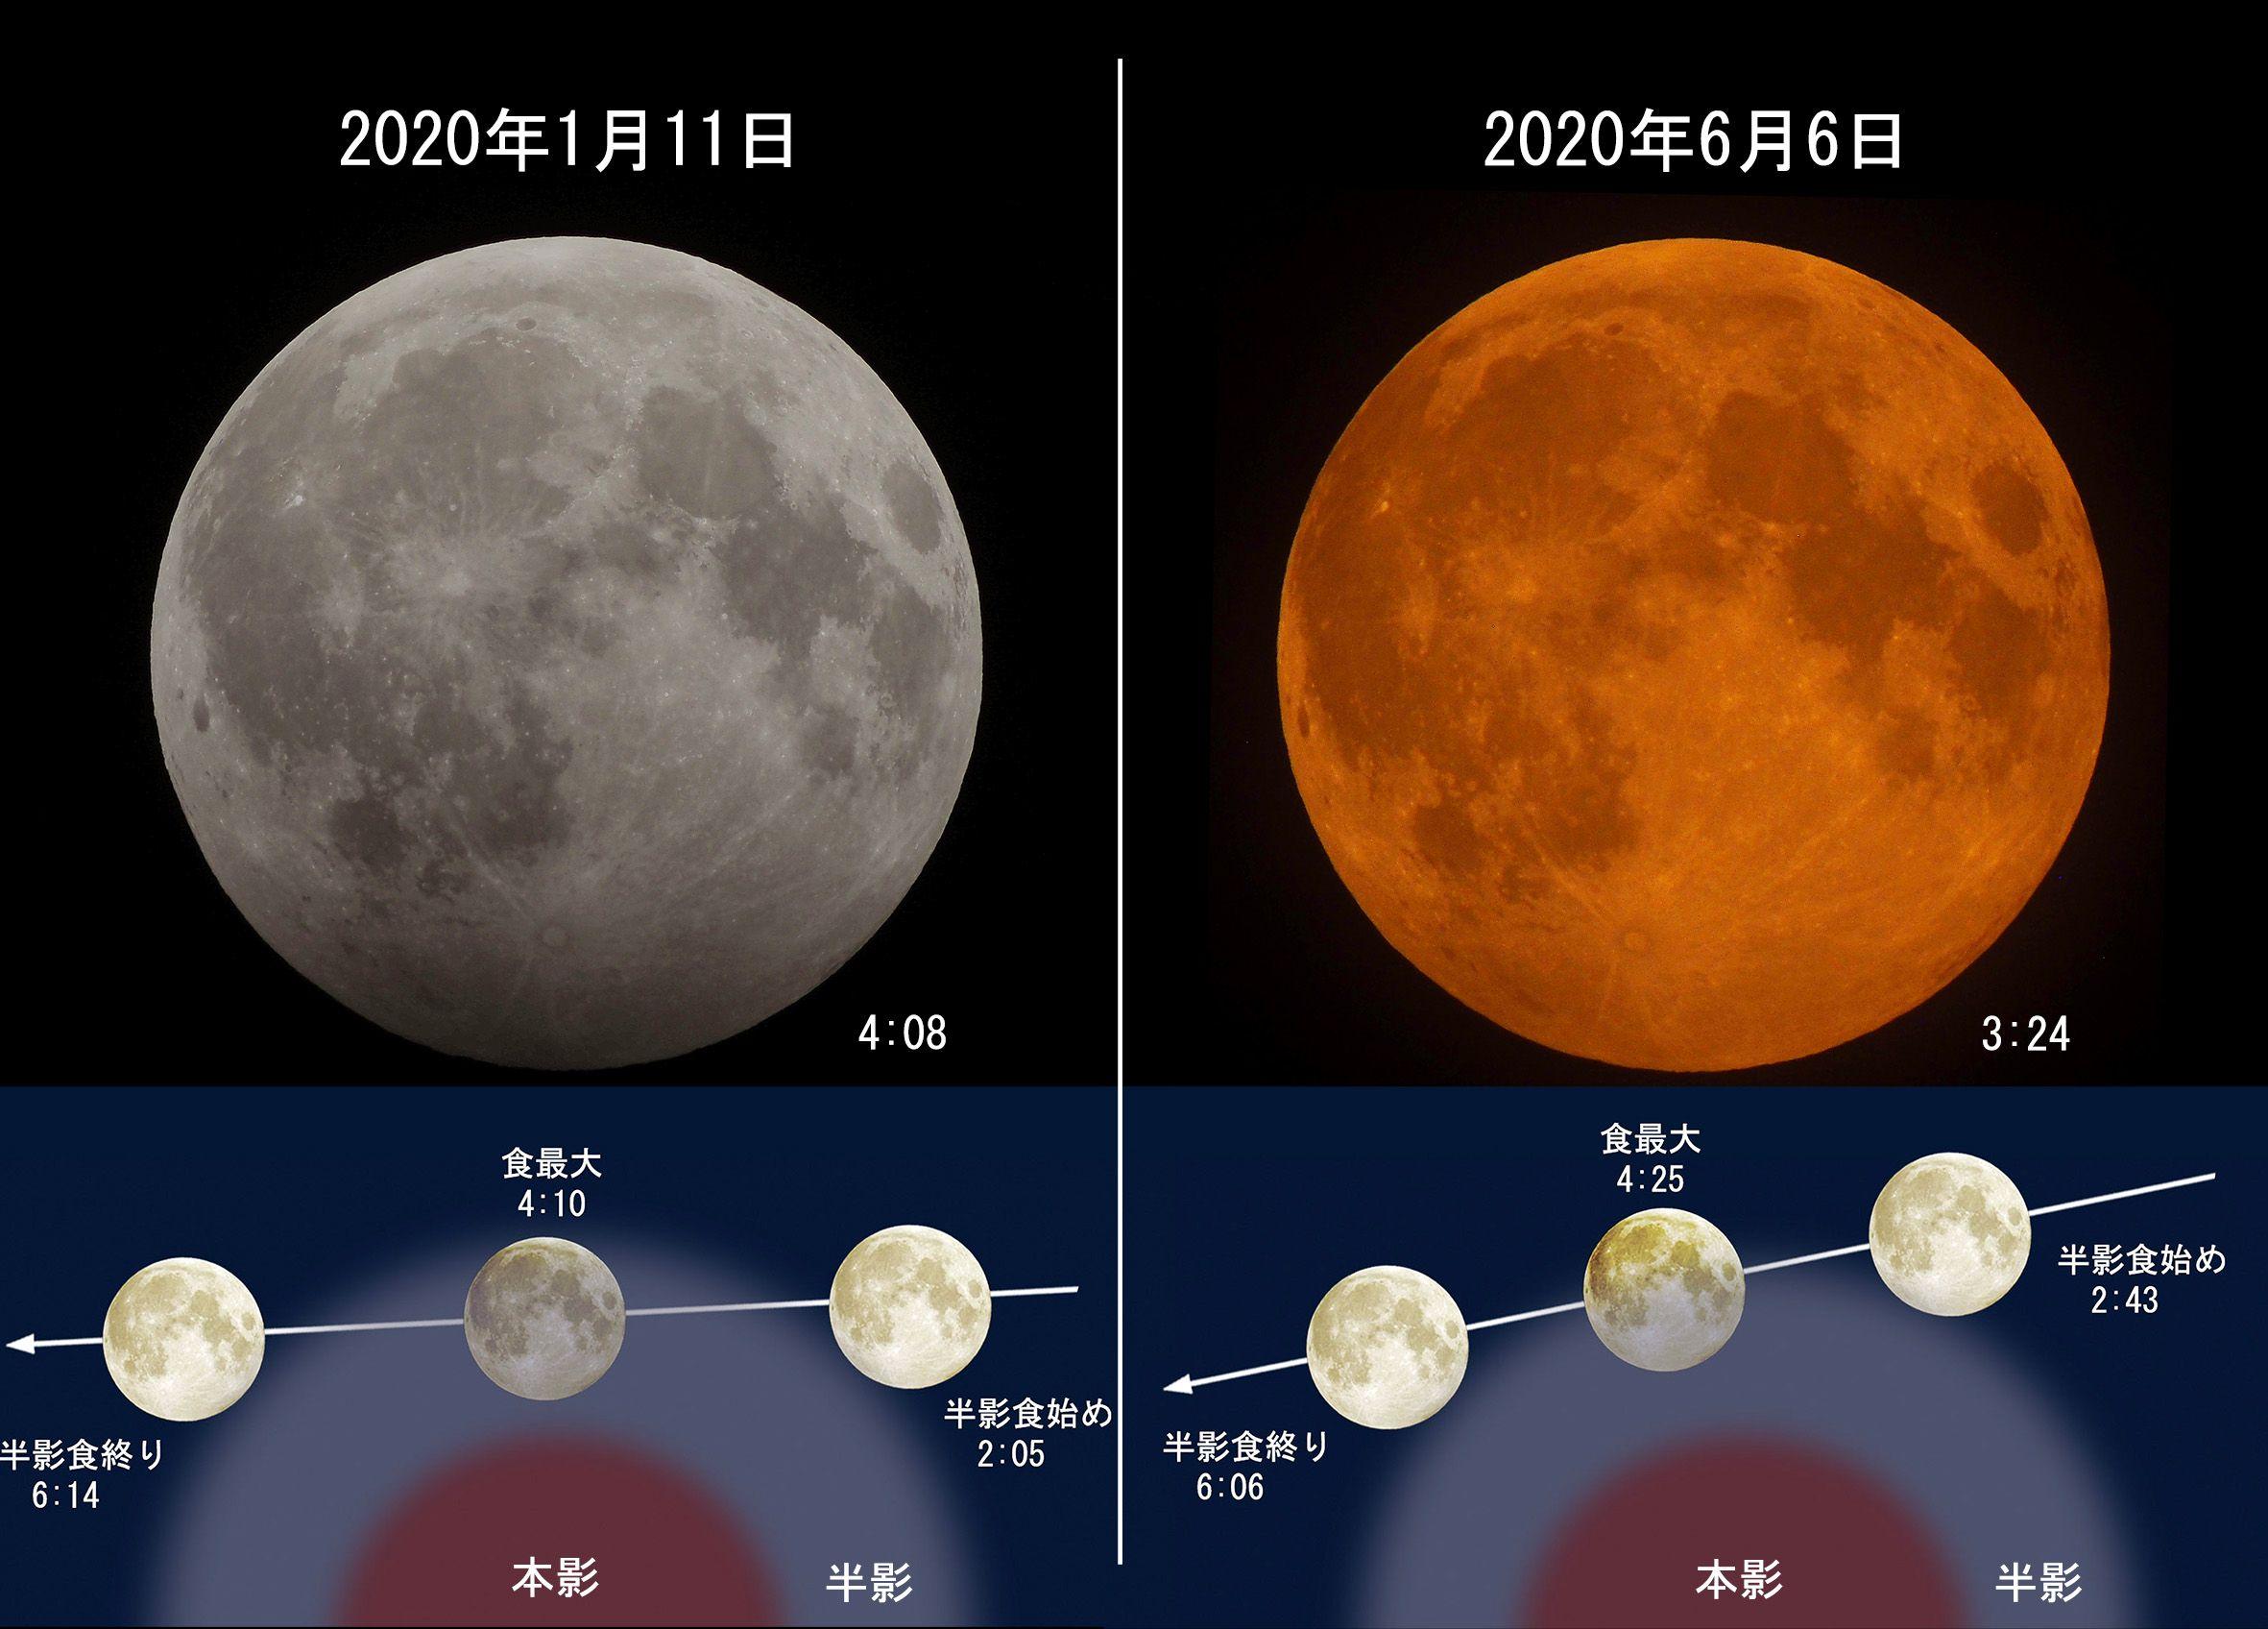 2020 年 6 月 満月 新月・満月の時刻表 最新2021年度版